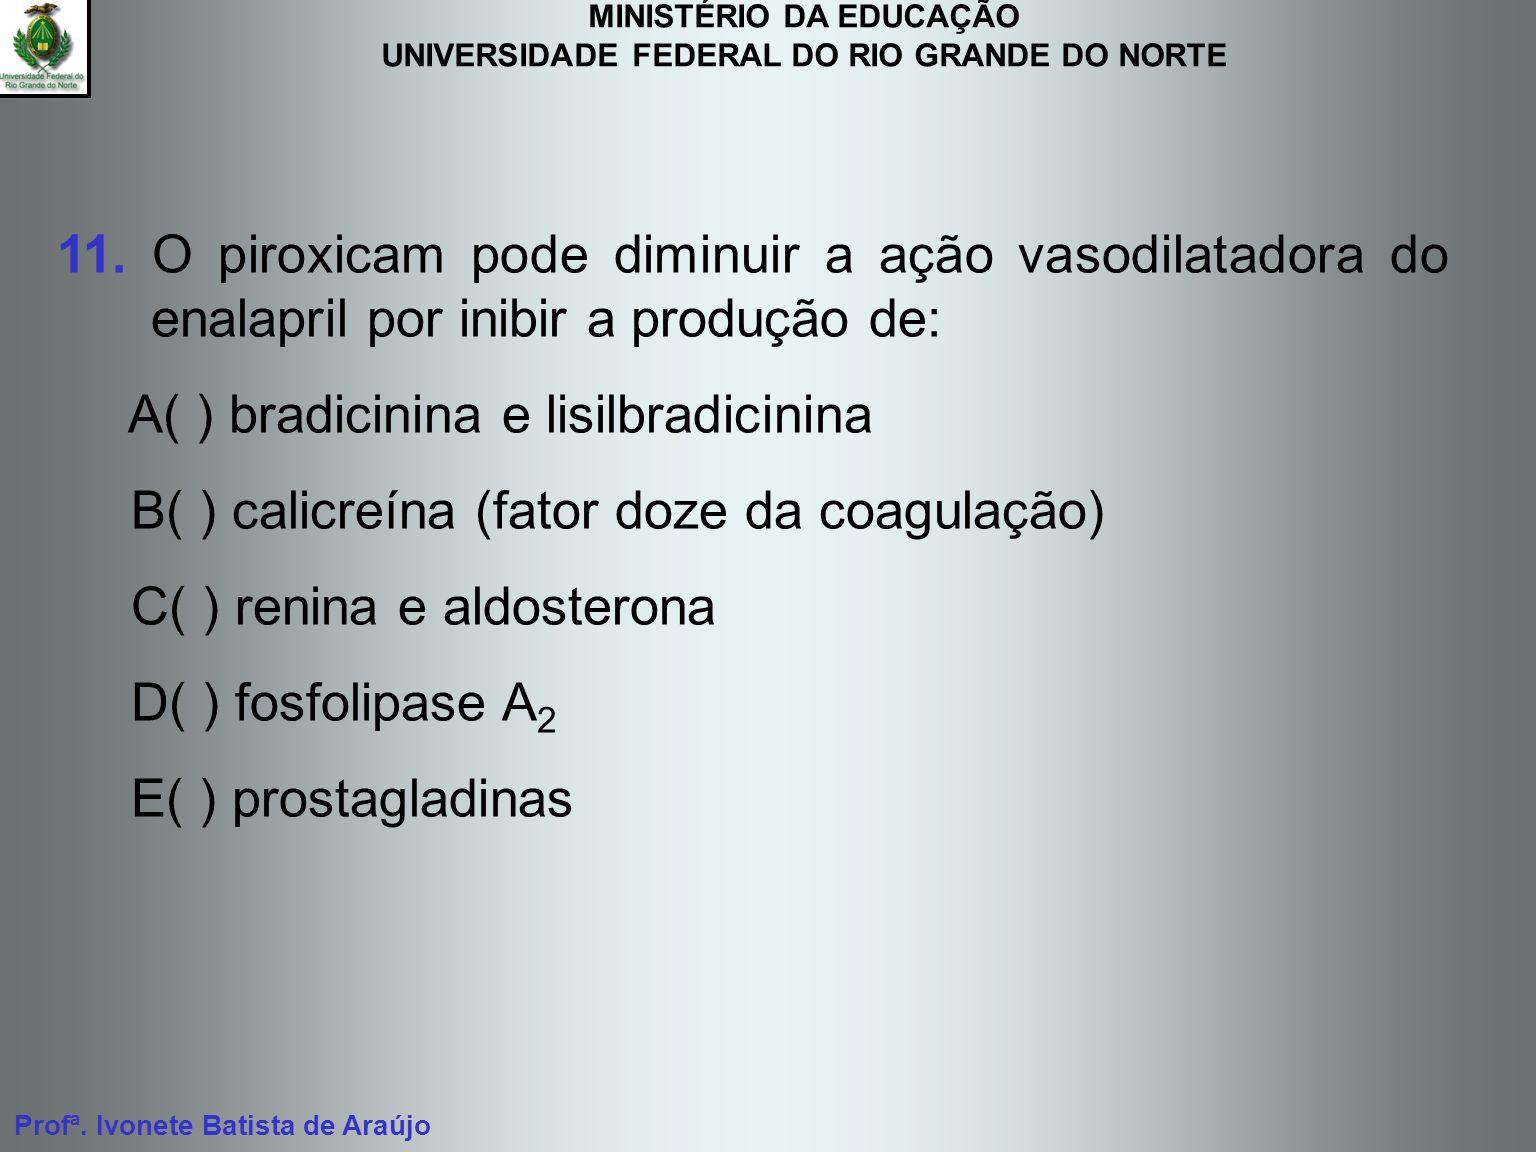 11. O piroxicam pode diminuir a ação vasodilatadora do enalapril por inibir a produção de: